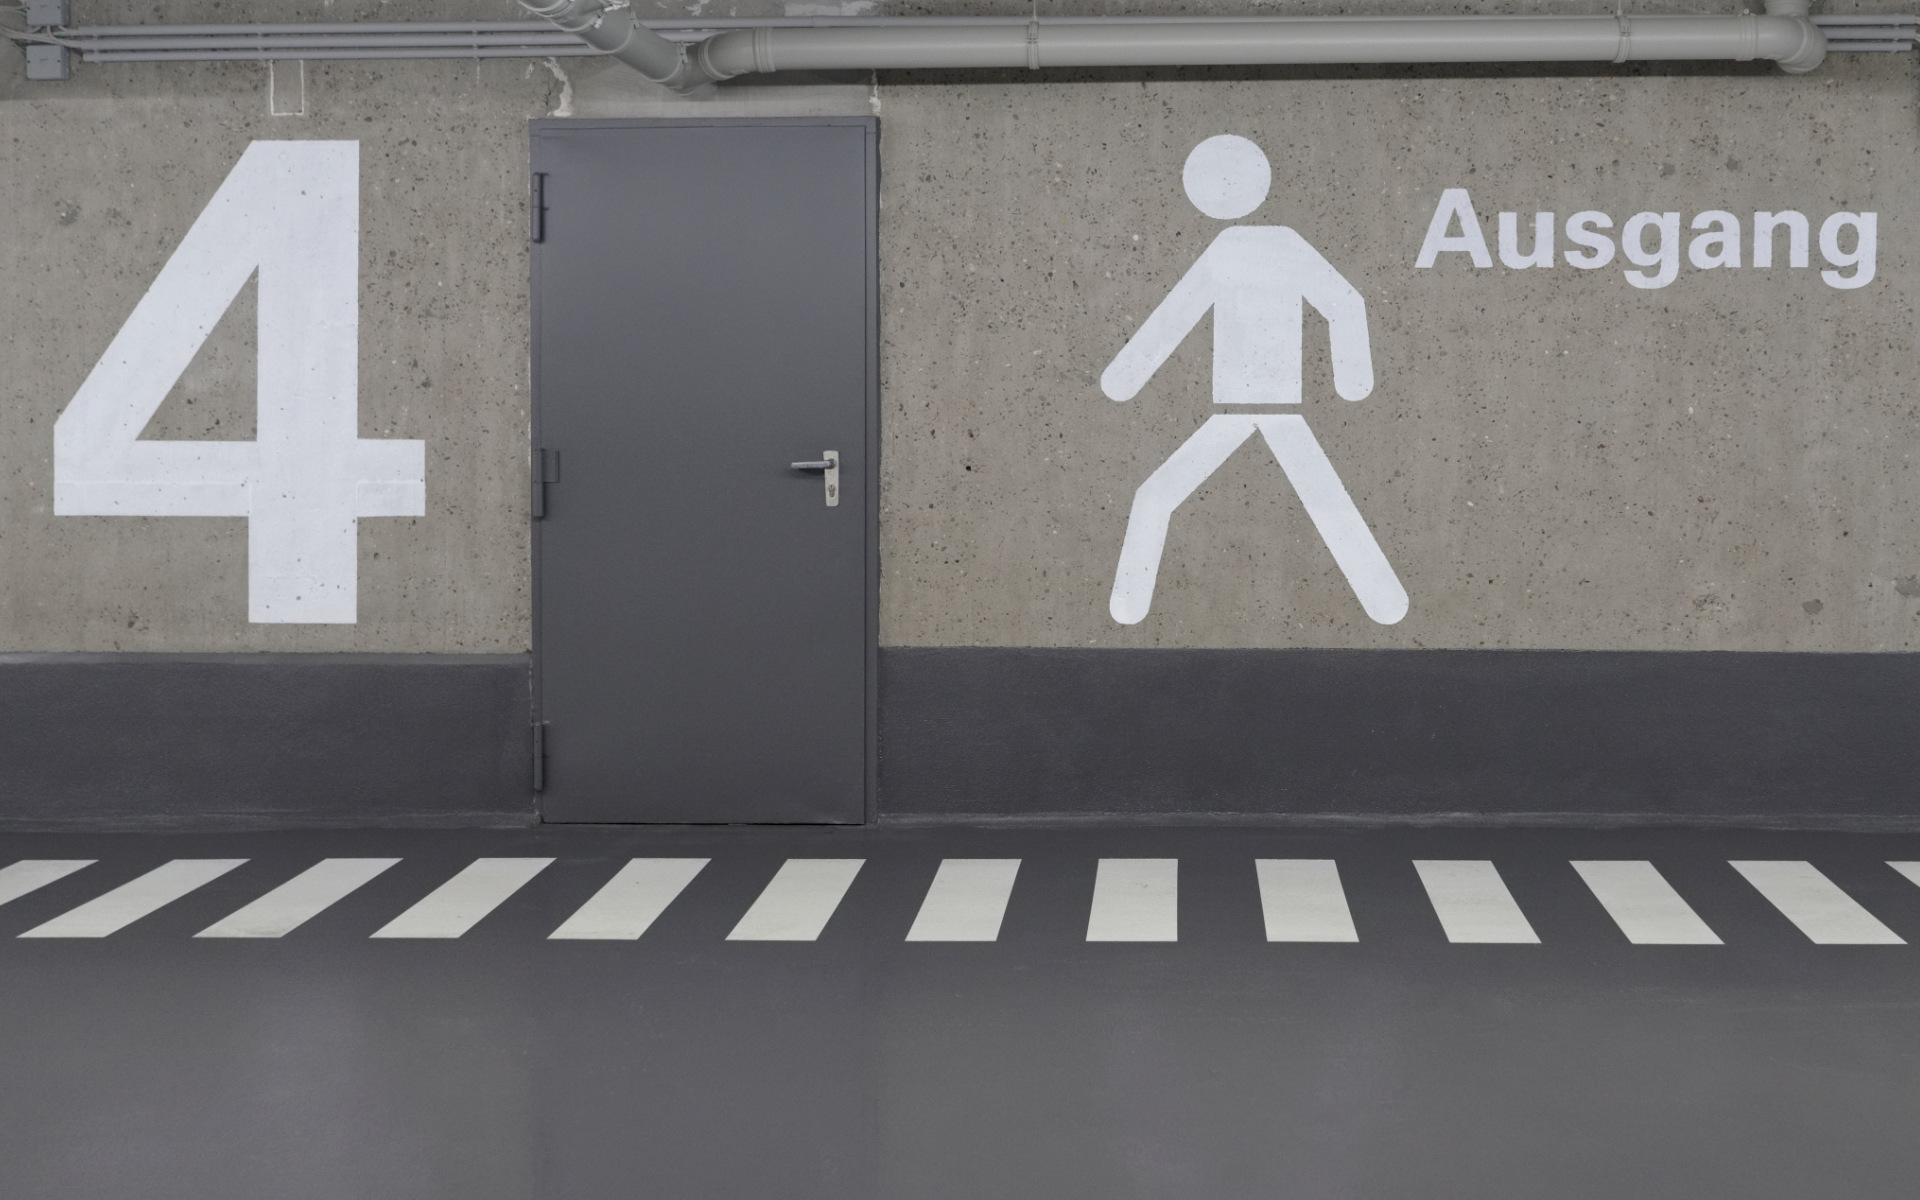 Parkgarage Beschriftung Schilder Beschilderung Leitsystem Design Berlin